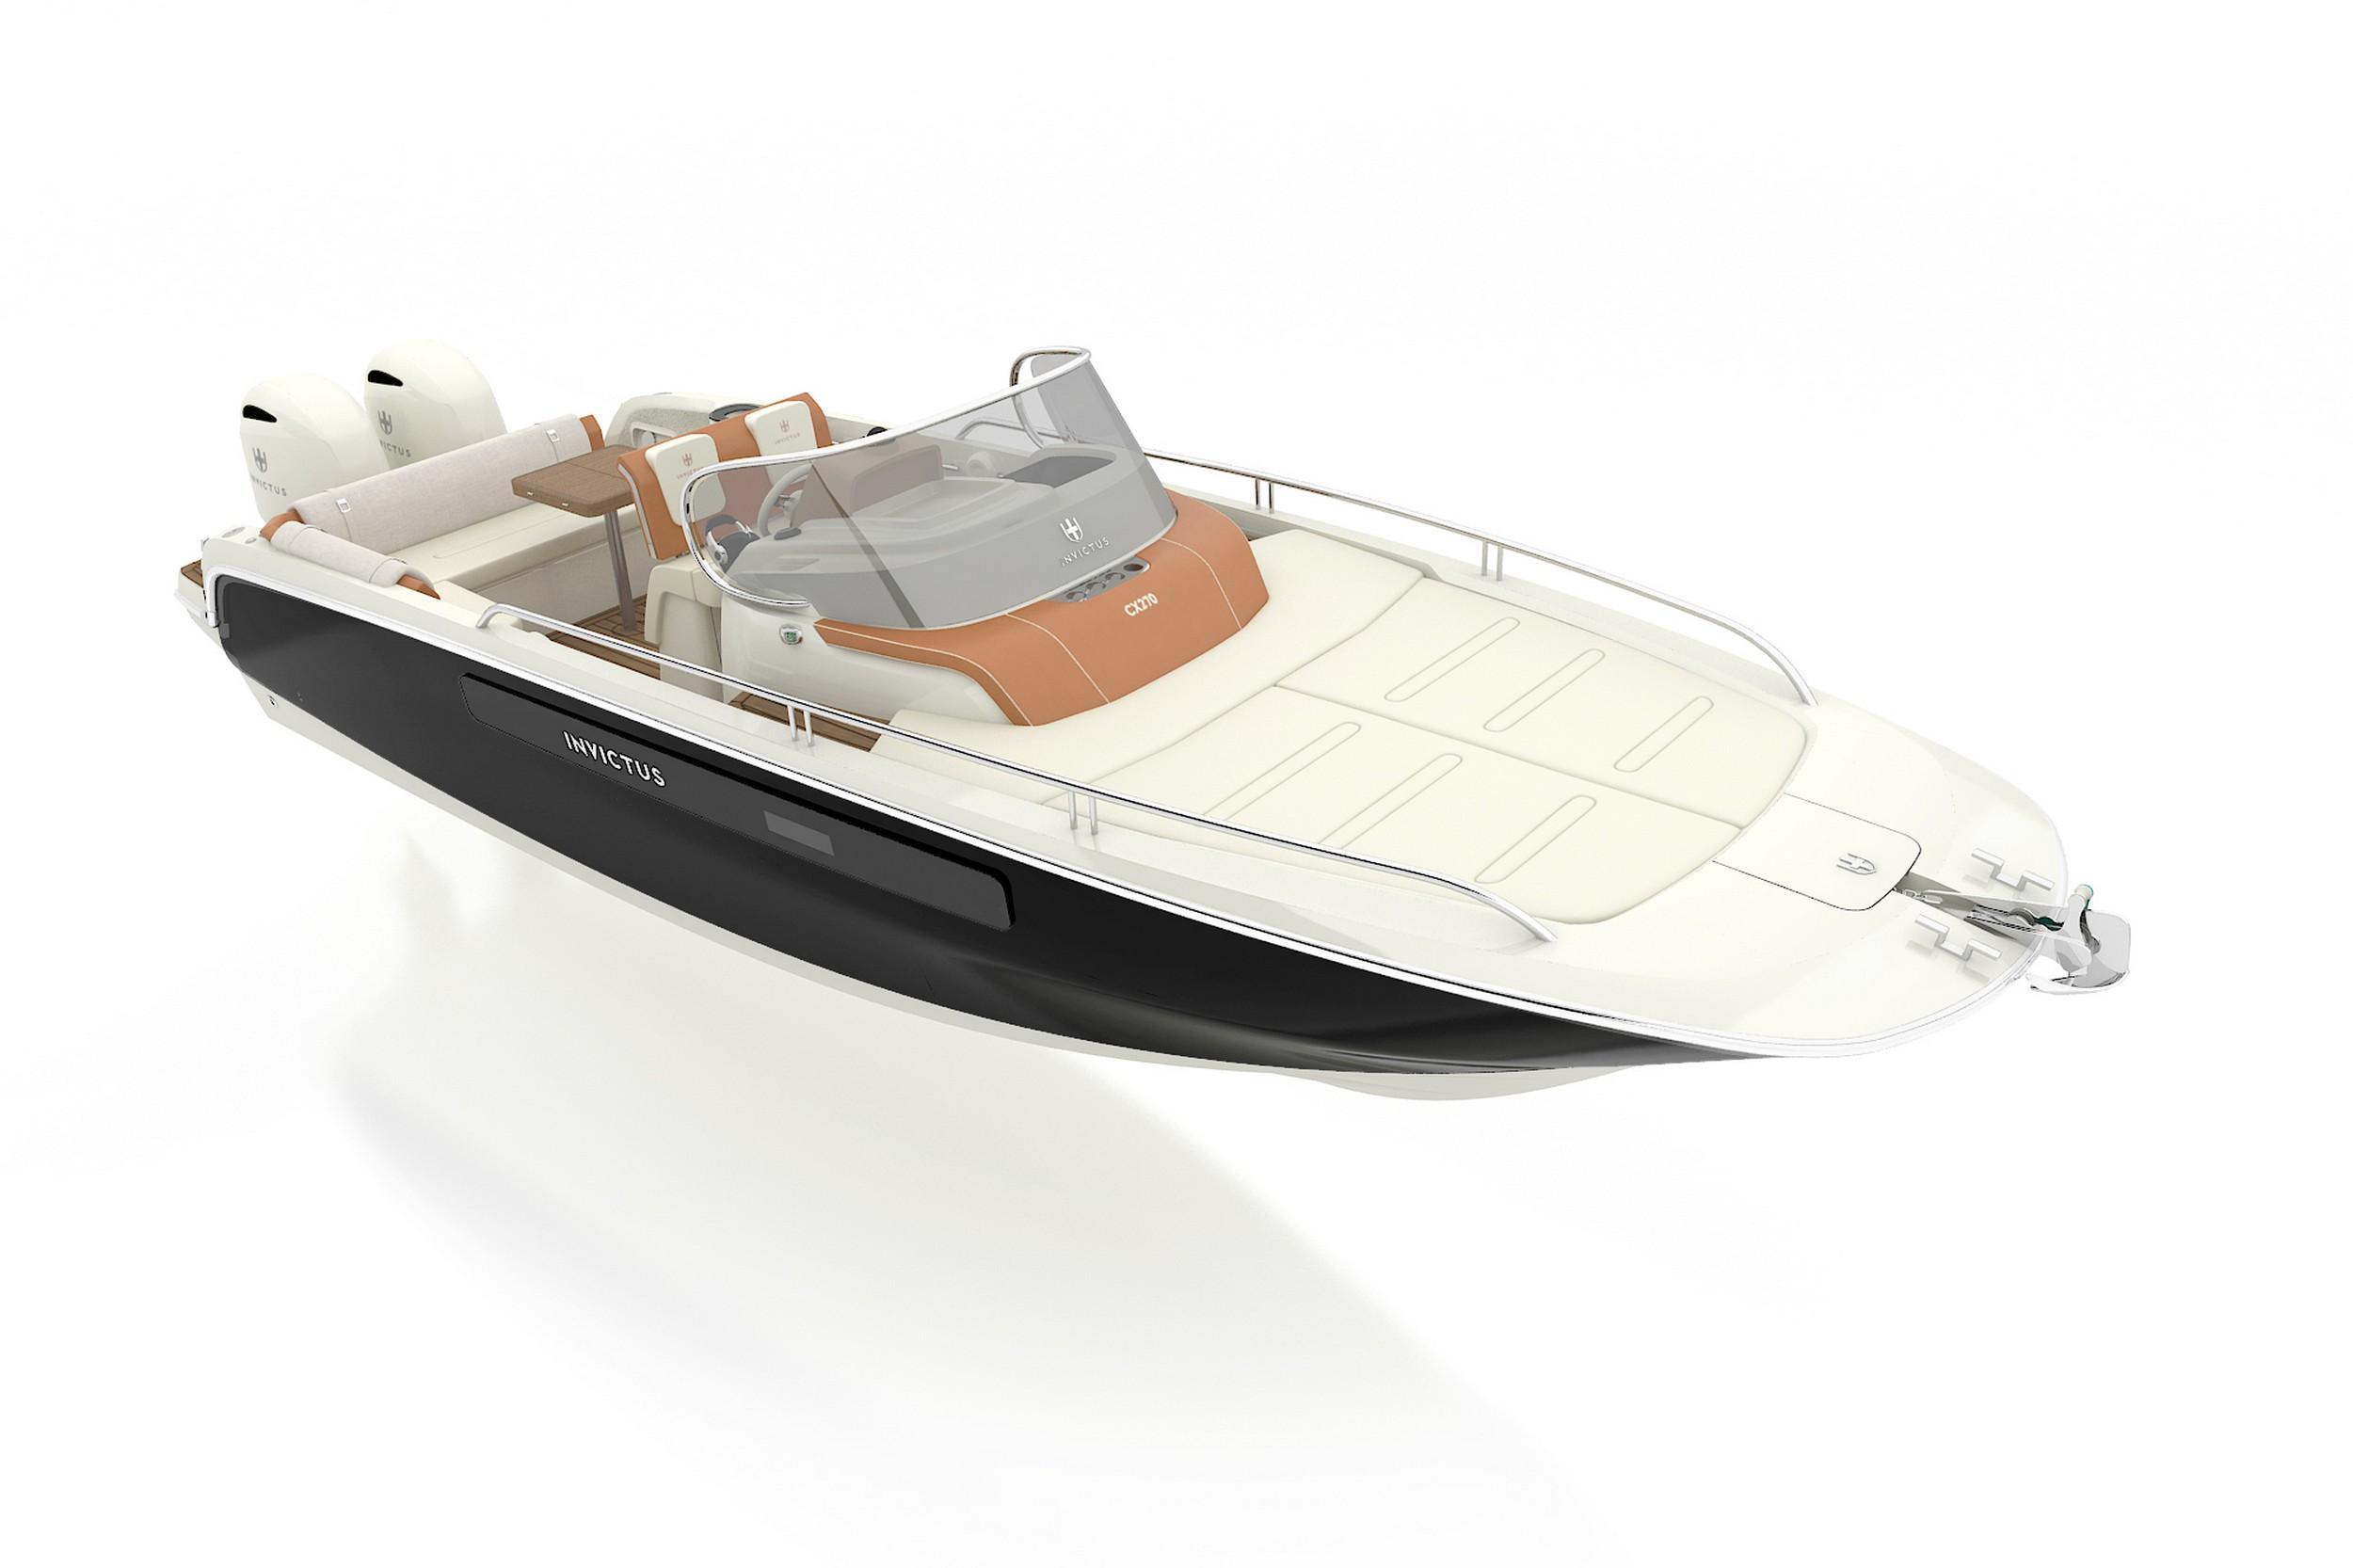 Invictus CX270 | Fuoribordo | 2 motodi da 220 CV | Salone di Cannes